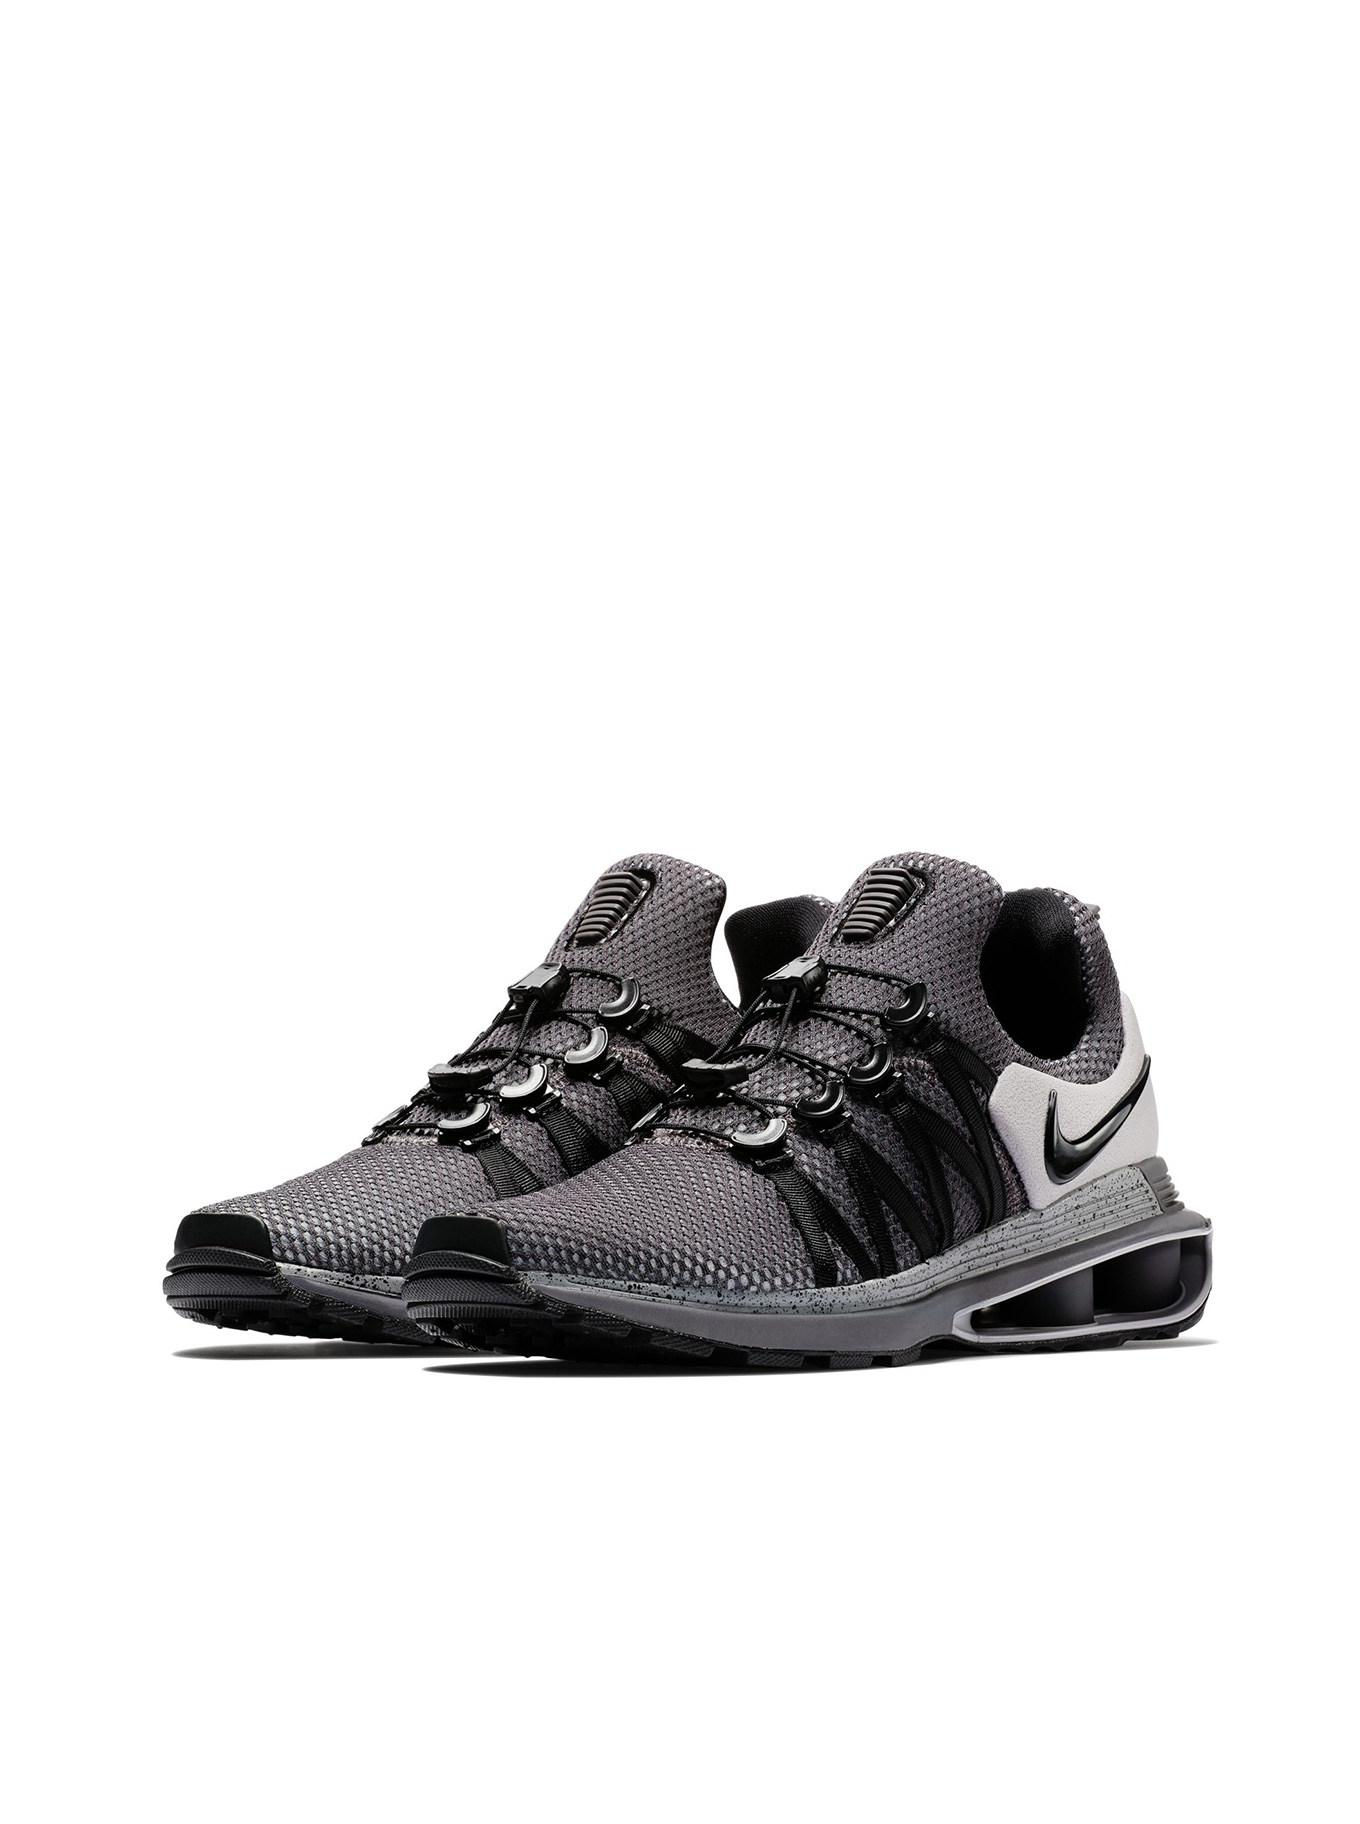 90ba0de705f4 Nike Shox Gravity  Grey